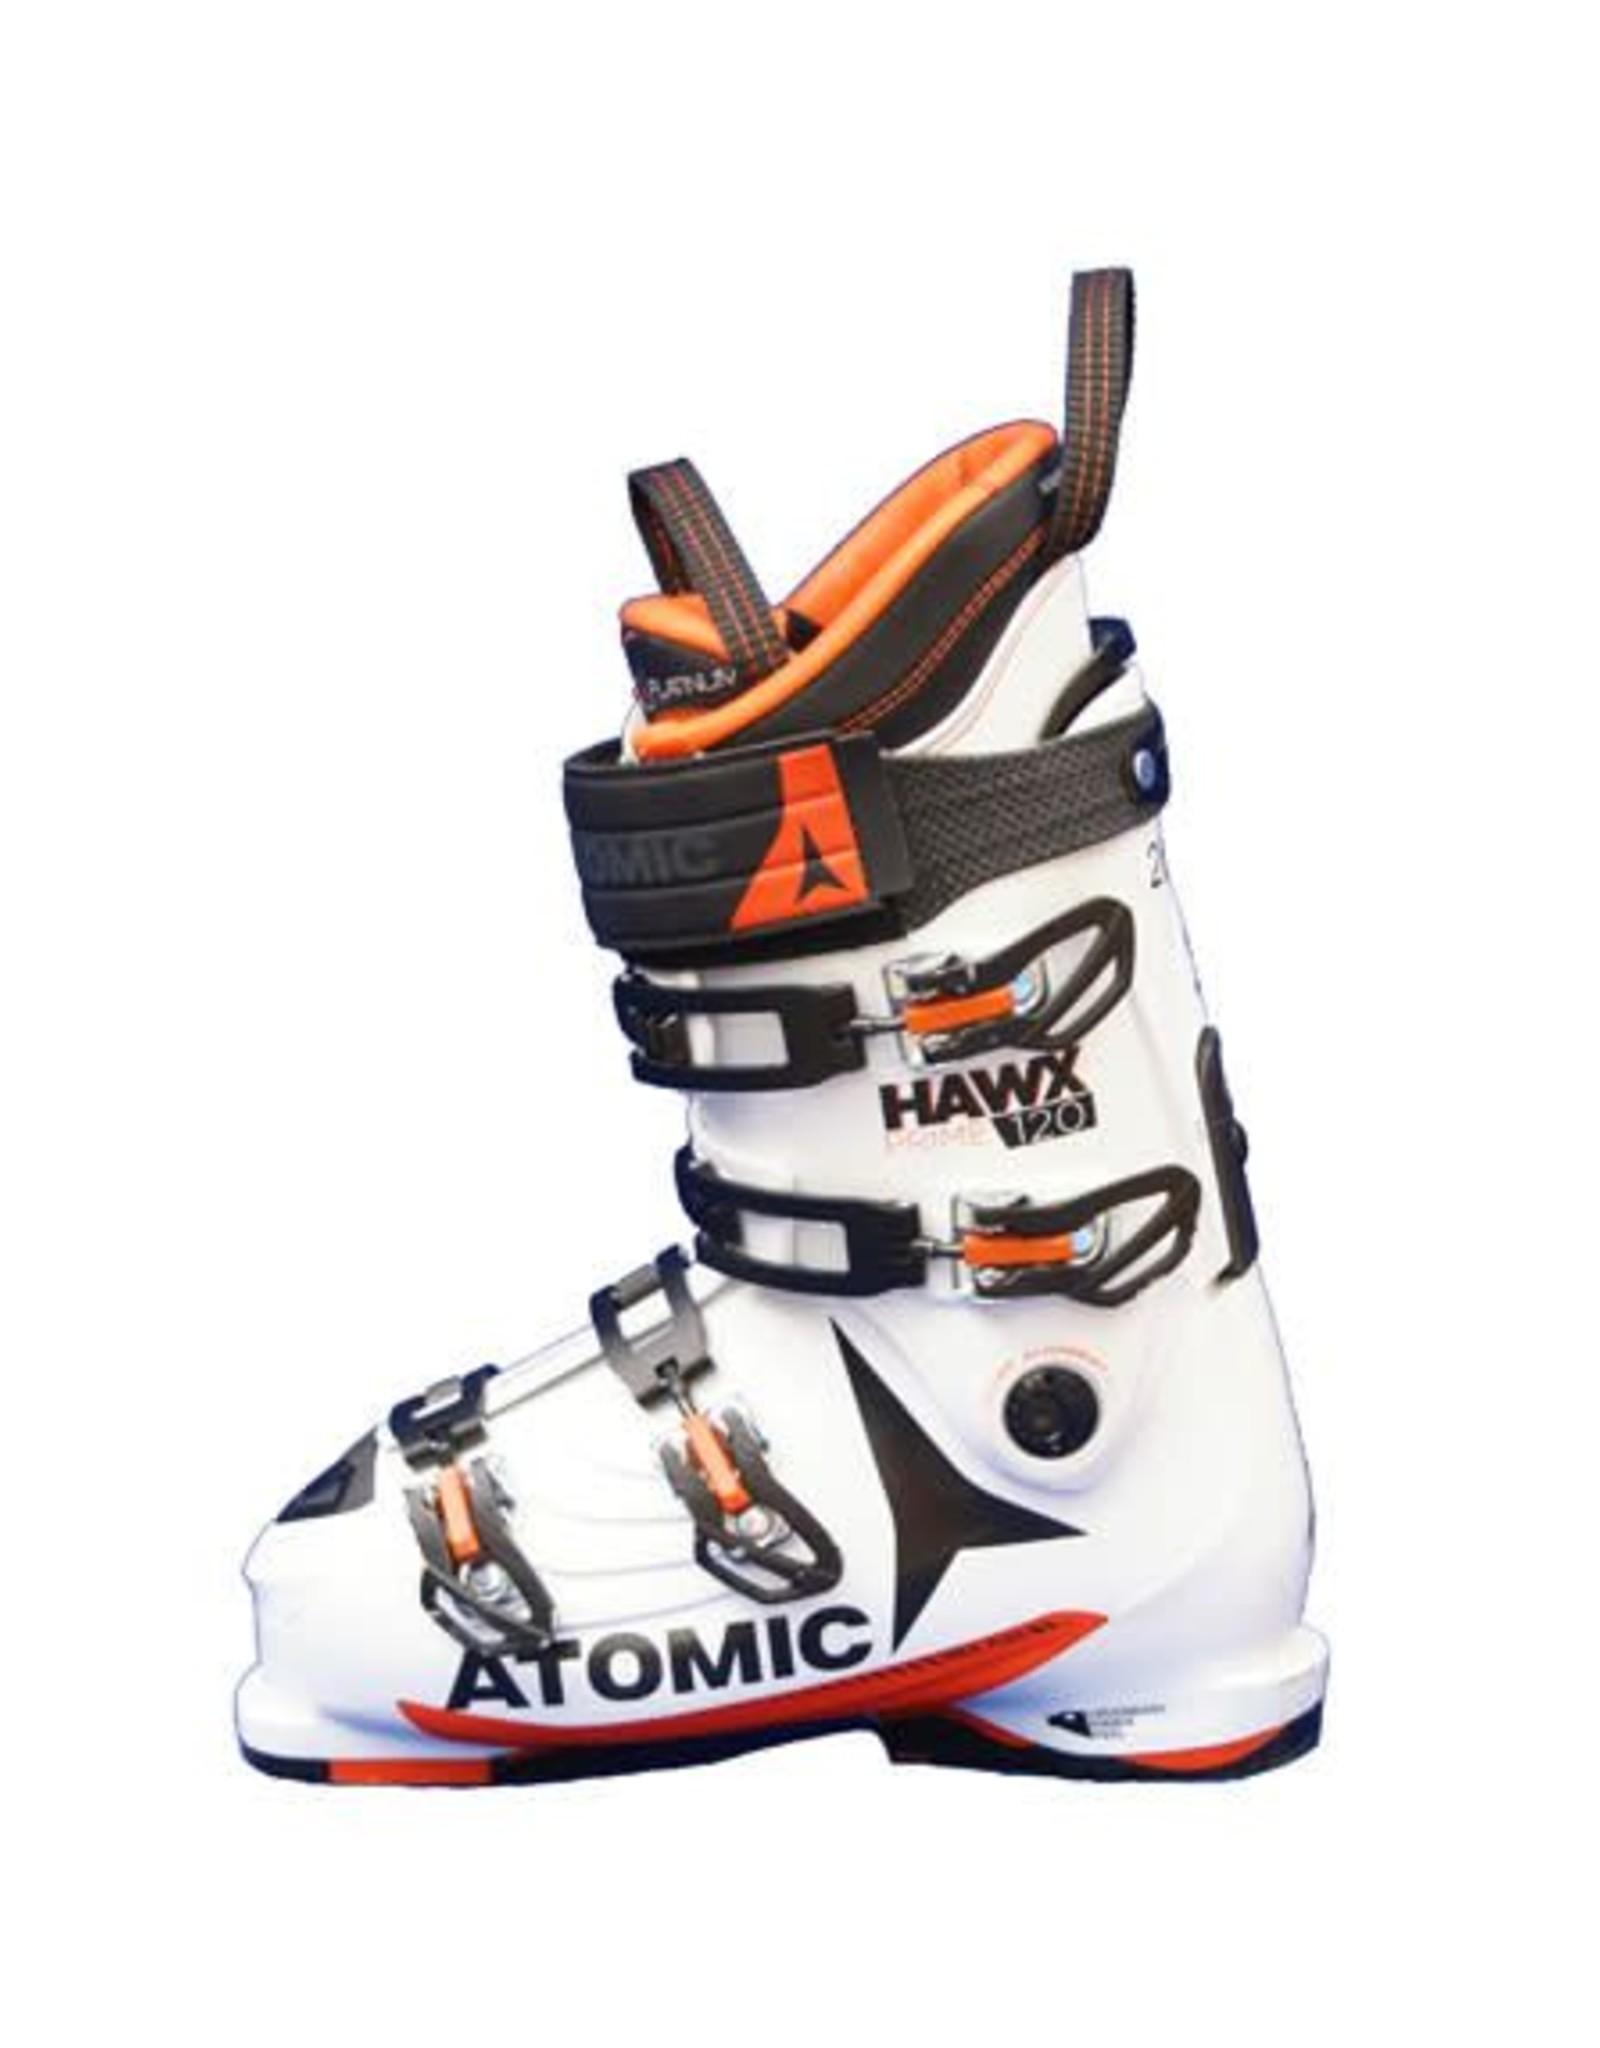 ATOMIC Skischoenen ATOMIC Hawx Prime 120 Wit/Oranje Gebruikt Maat 46